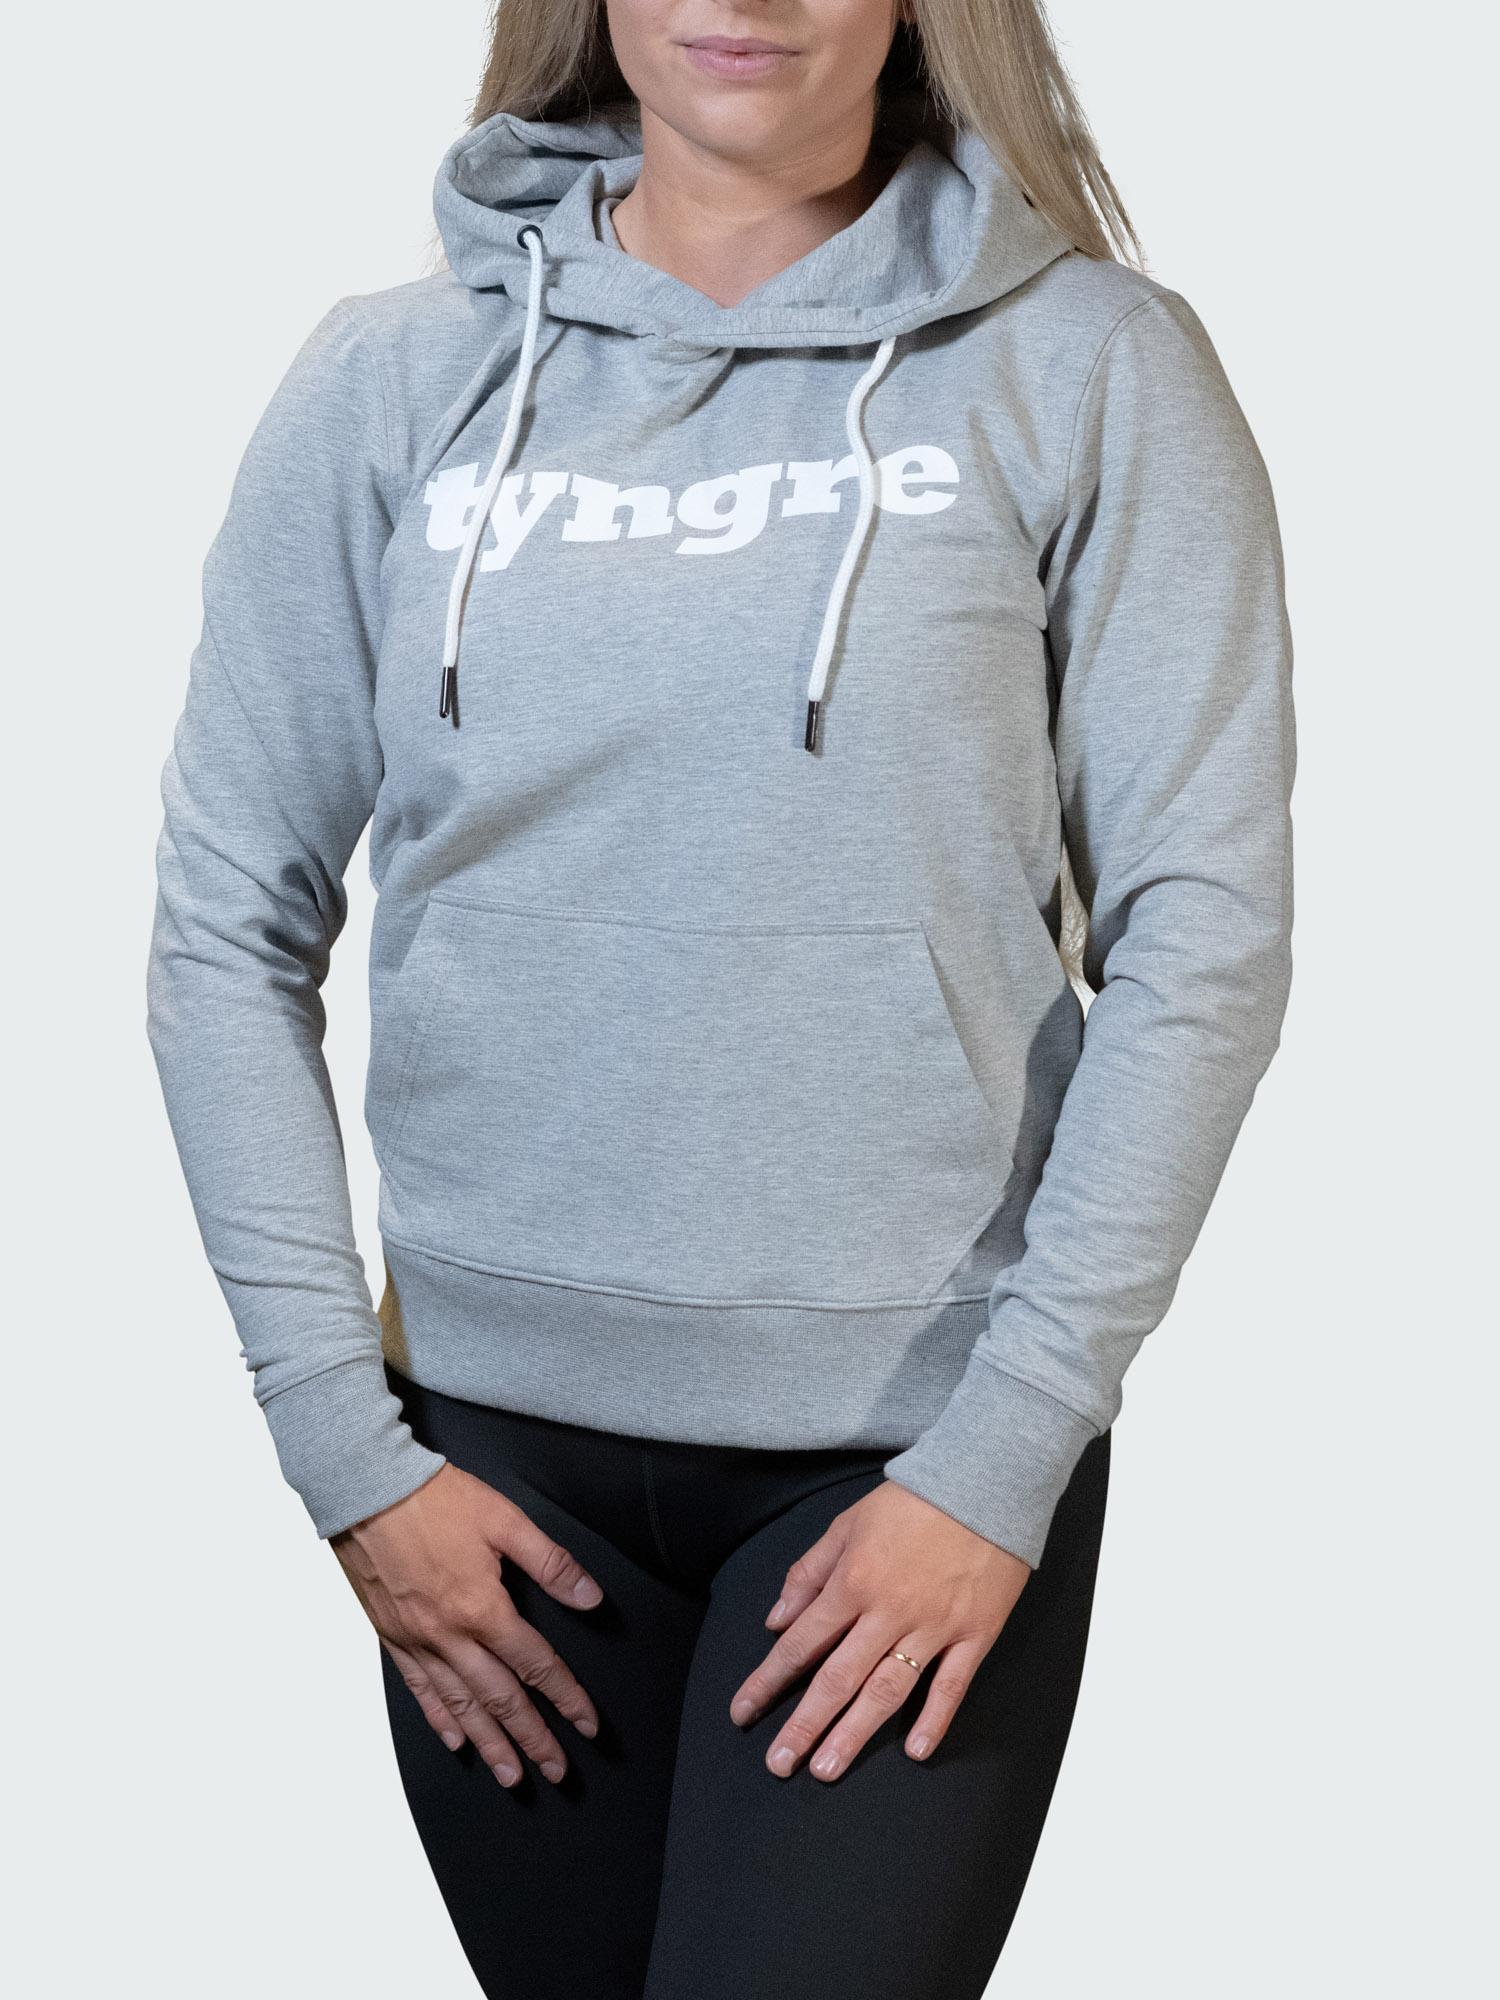 Hoodie Work Womens Light Gray